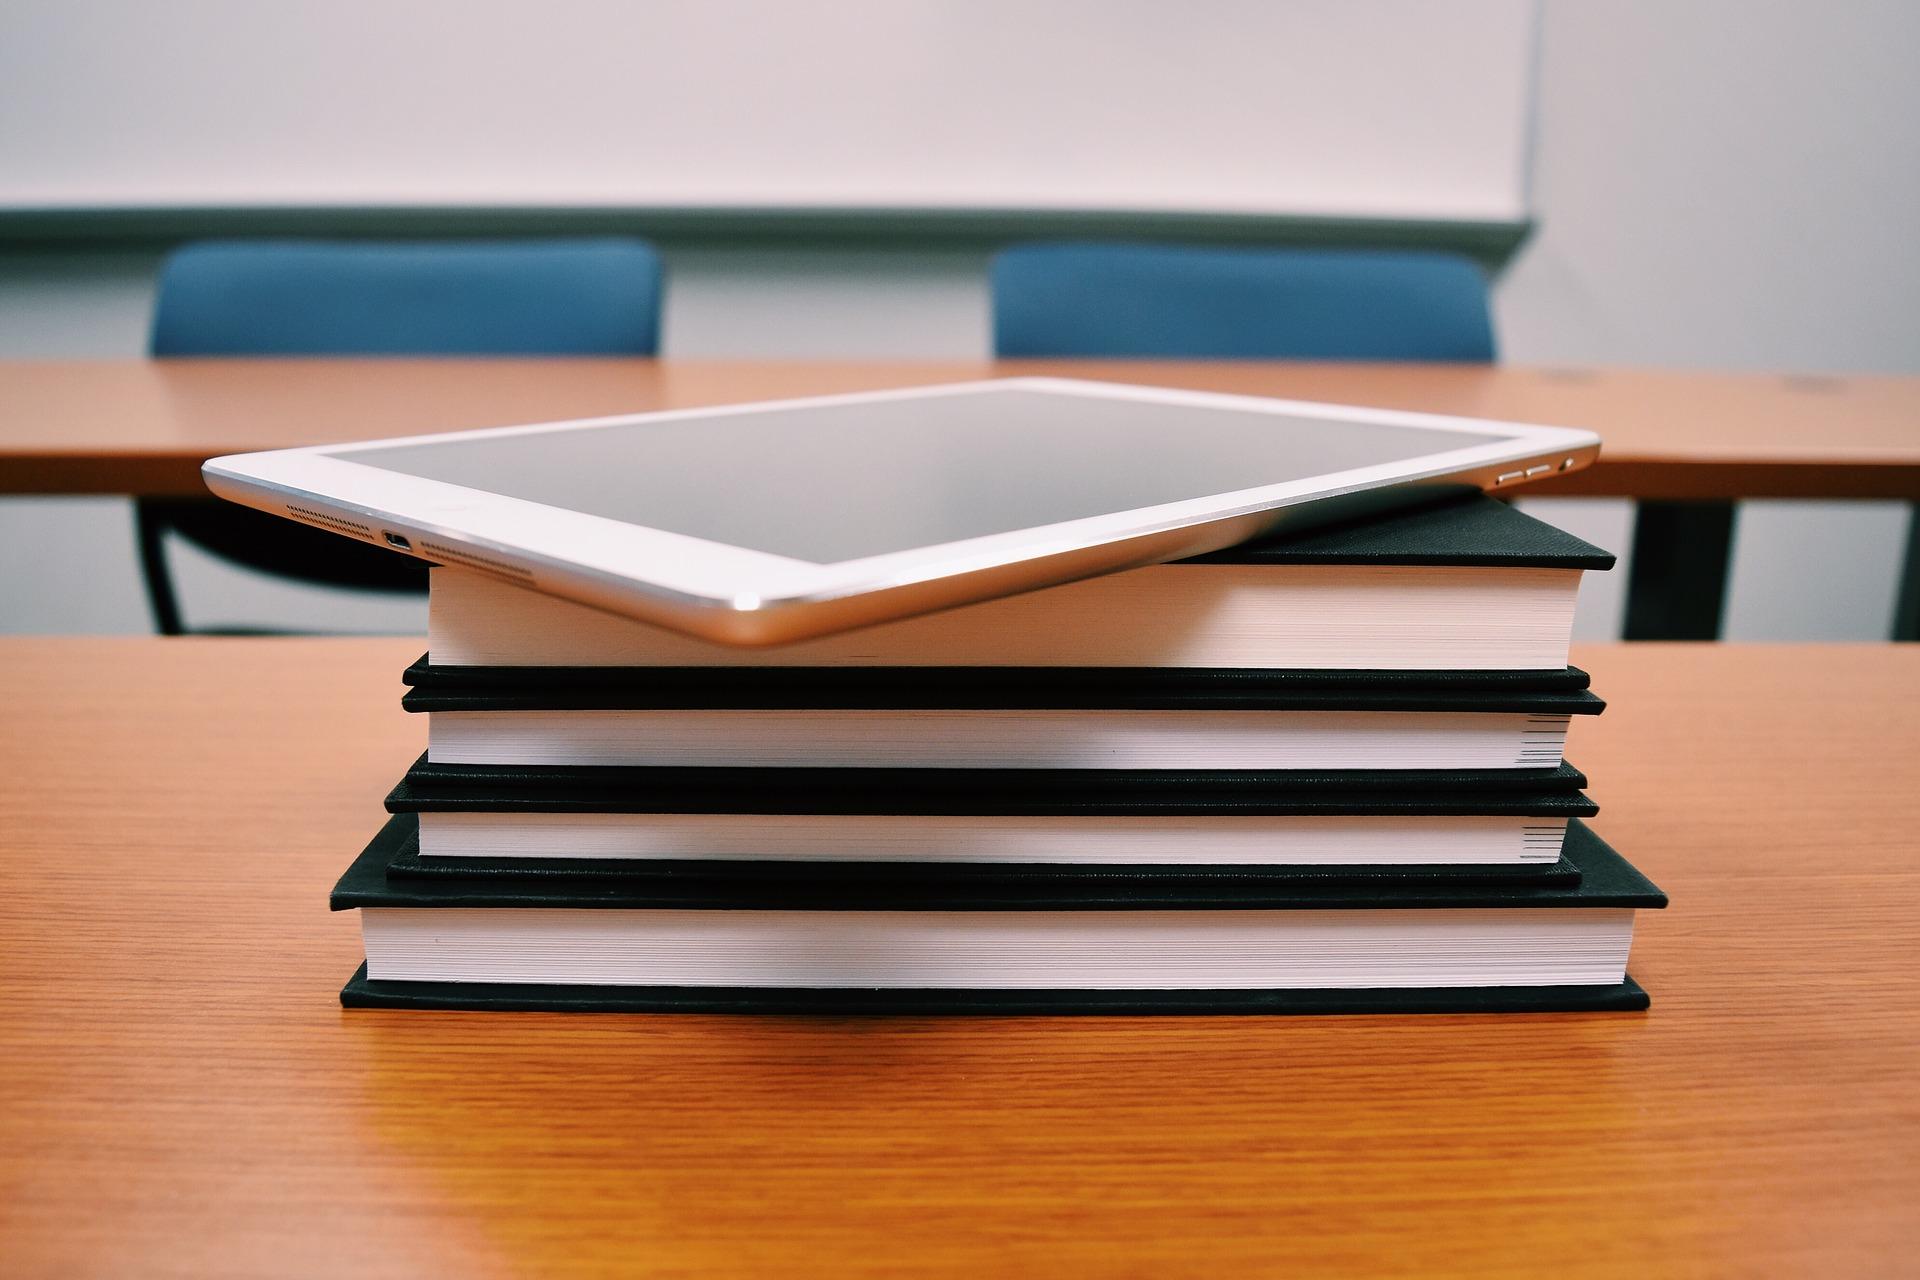 ด้านการผลิตบัณฑิต เรื่อง กิจกรรมการจัดการเรียนการสอนที่หลากหลายเพื่อพัฒนาผู้เรียน (KM)